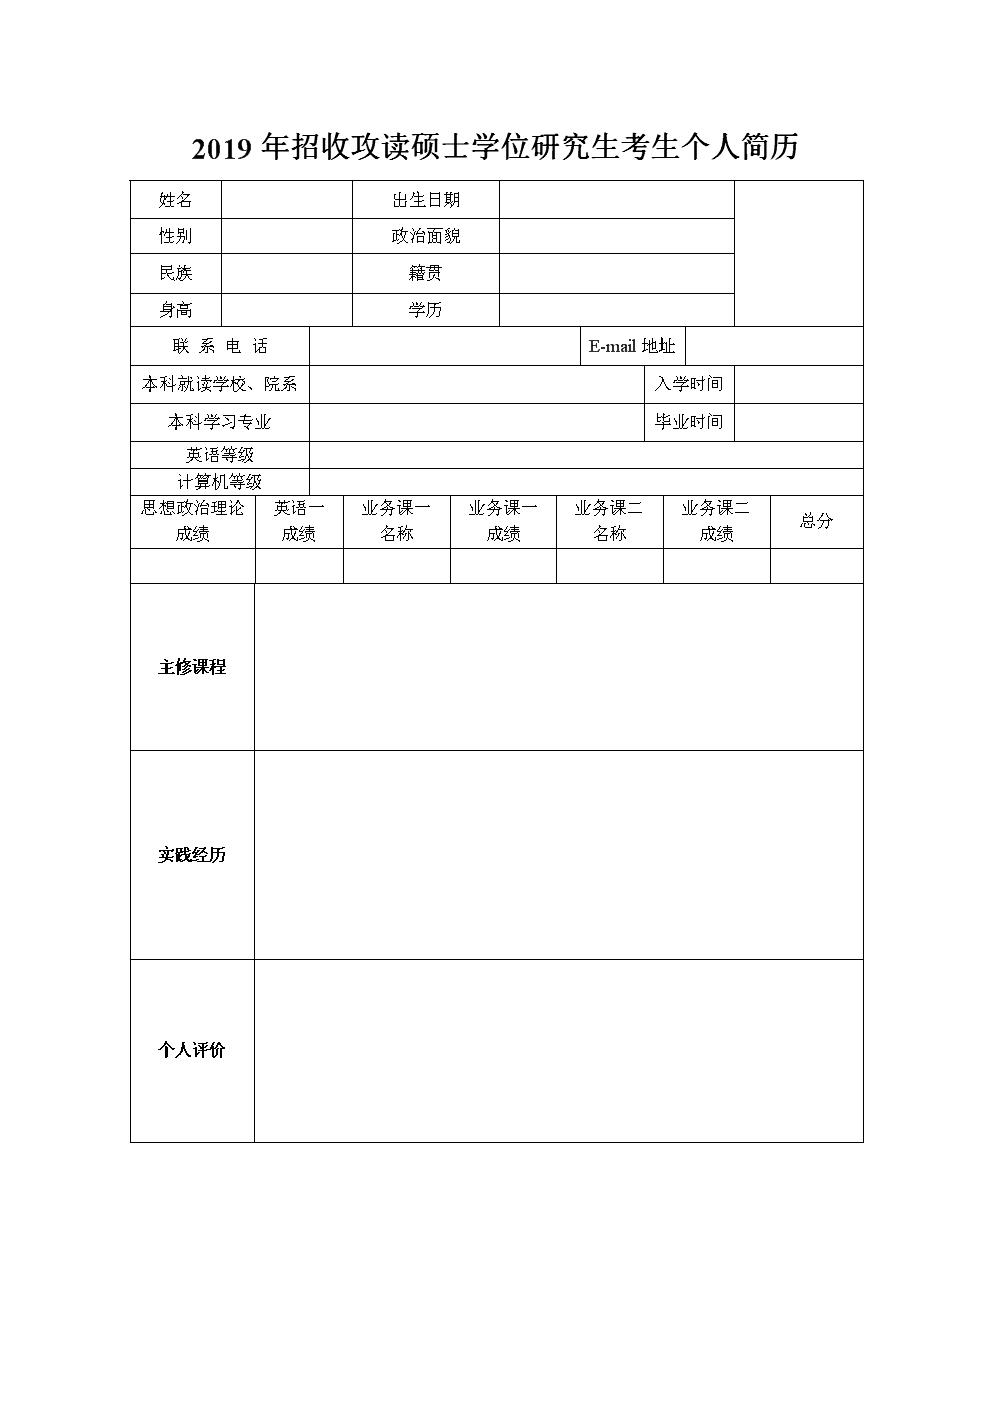 2019年研究生考研复试面试简历模板.doc